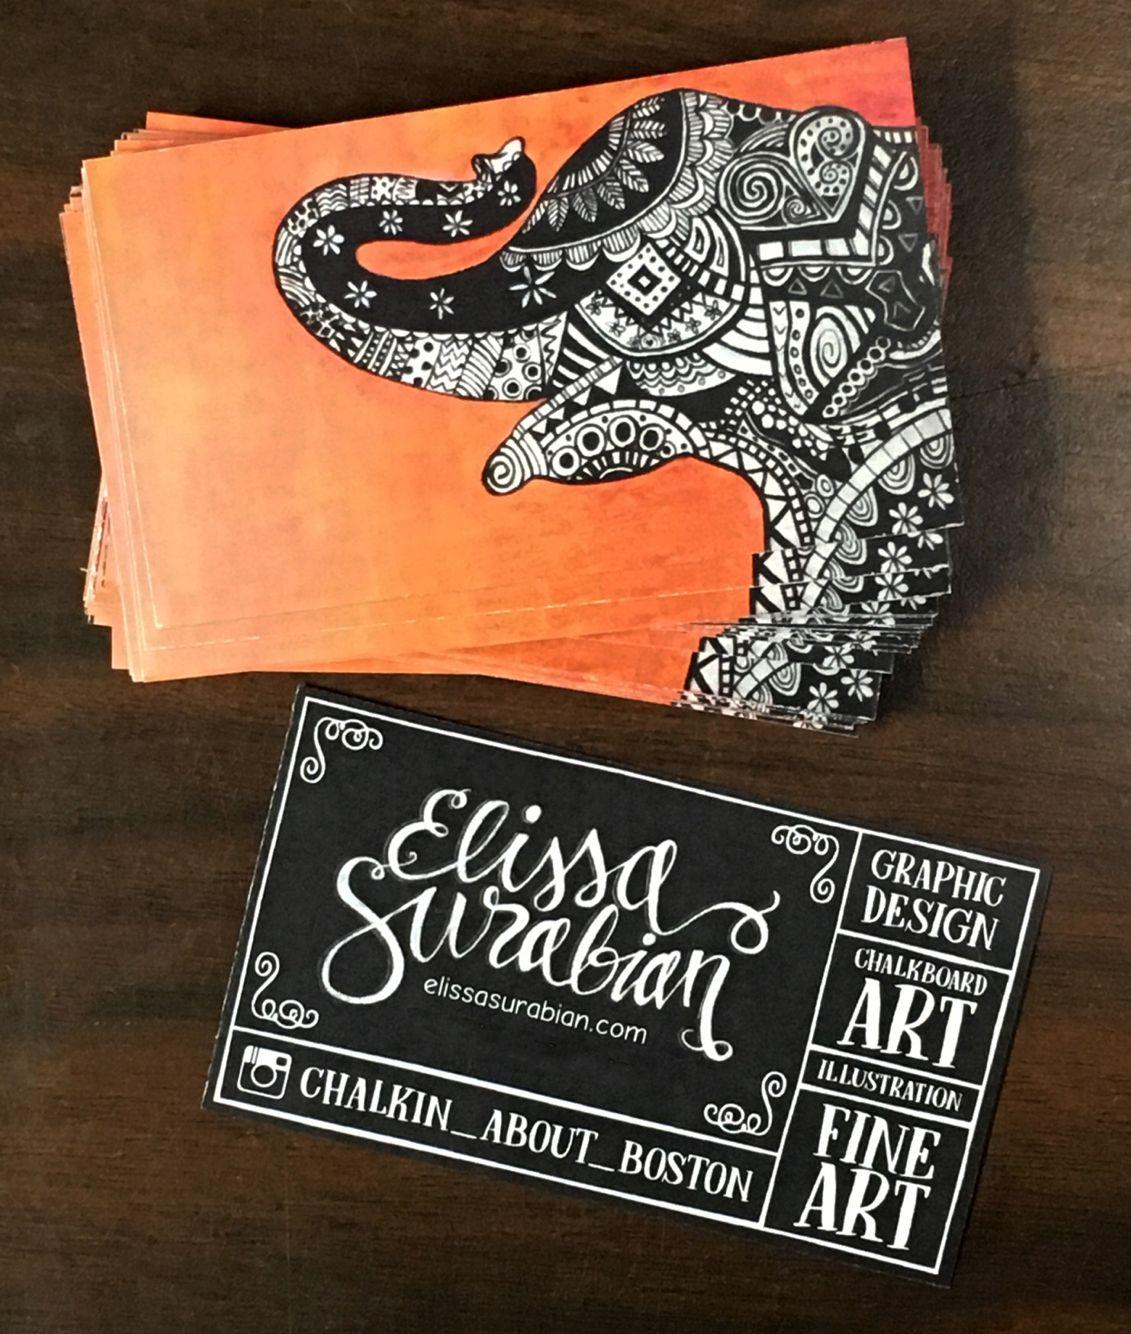 Business card design elissa surabian art artist business